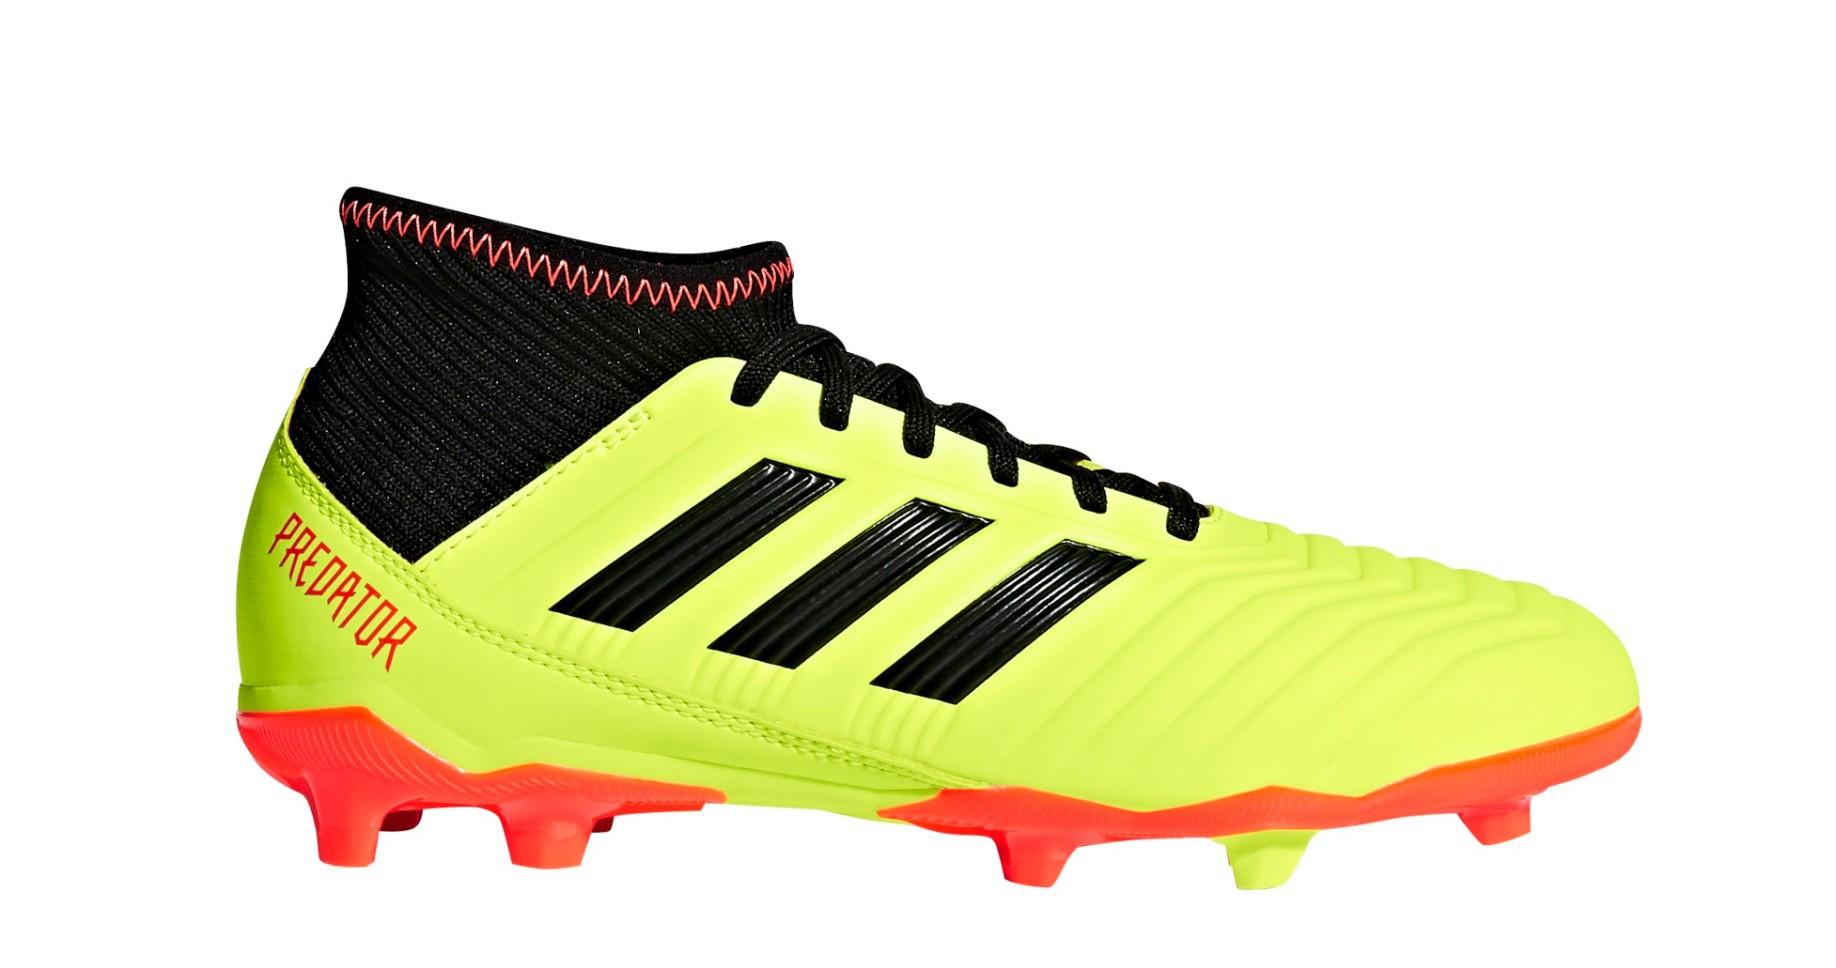 Soccer shoes Boy Adidas Predator 18.3 FG Energy Mode Pack colore Yellow Red  - Adidas - SportIT.com 35ee9f72e113f